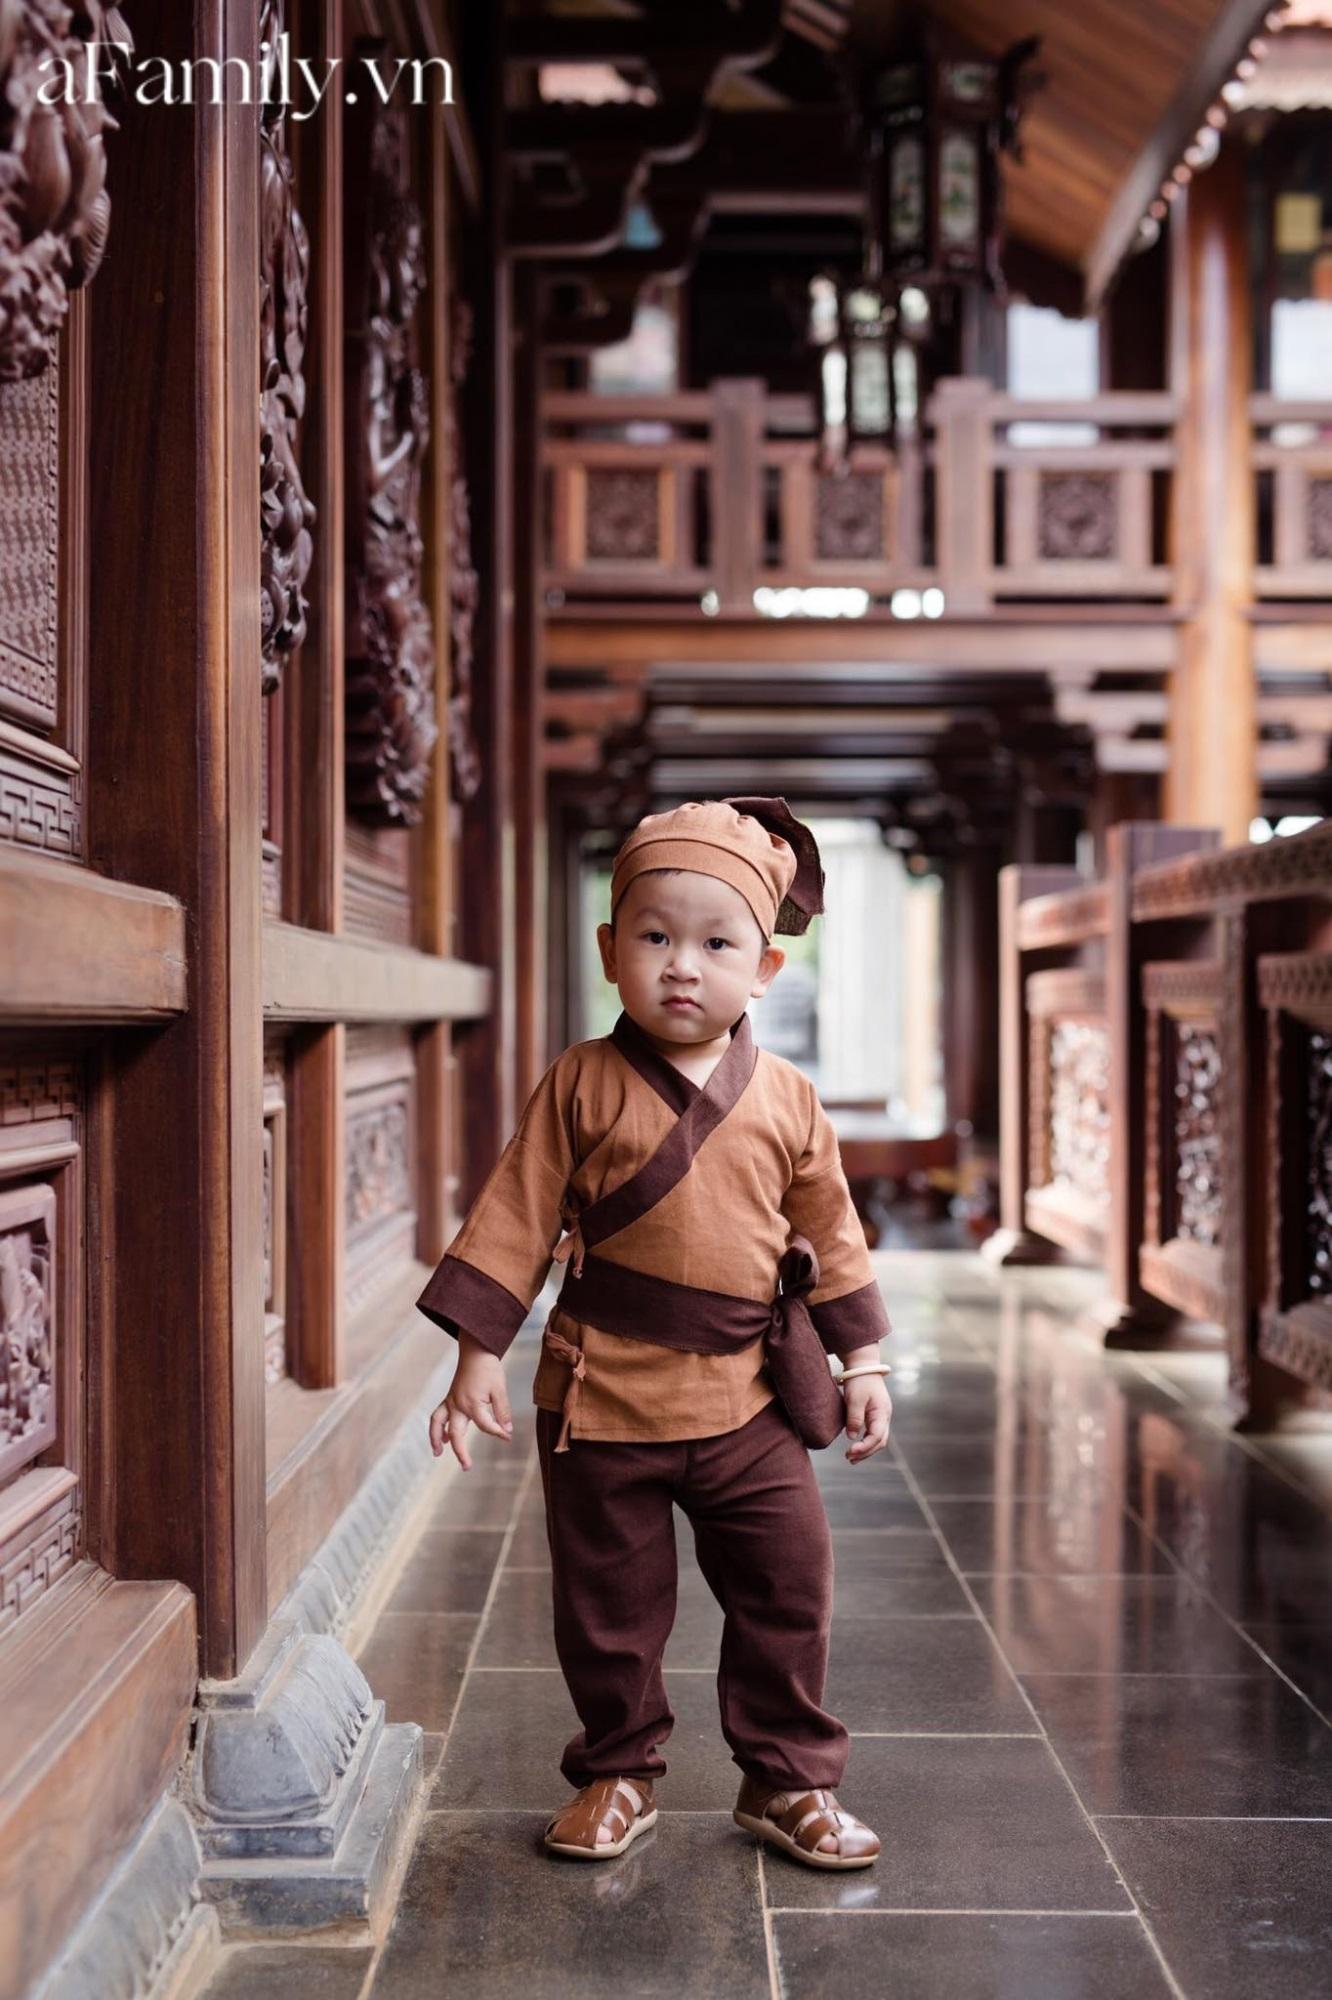 Mua cho cháu bộ quần áo mới, dì cứ ngỡ mặc vào sẽ đẹp trai như Hàn Quốc, ai ngờ bé 'lên đồ' thì cả nhà cười nguyên buổi tối - Ảnh 4